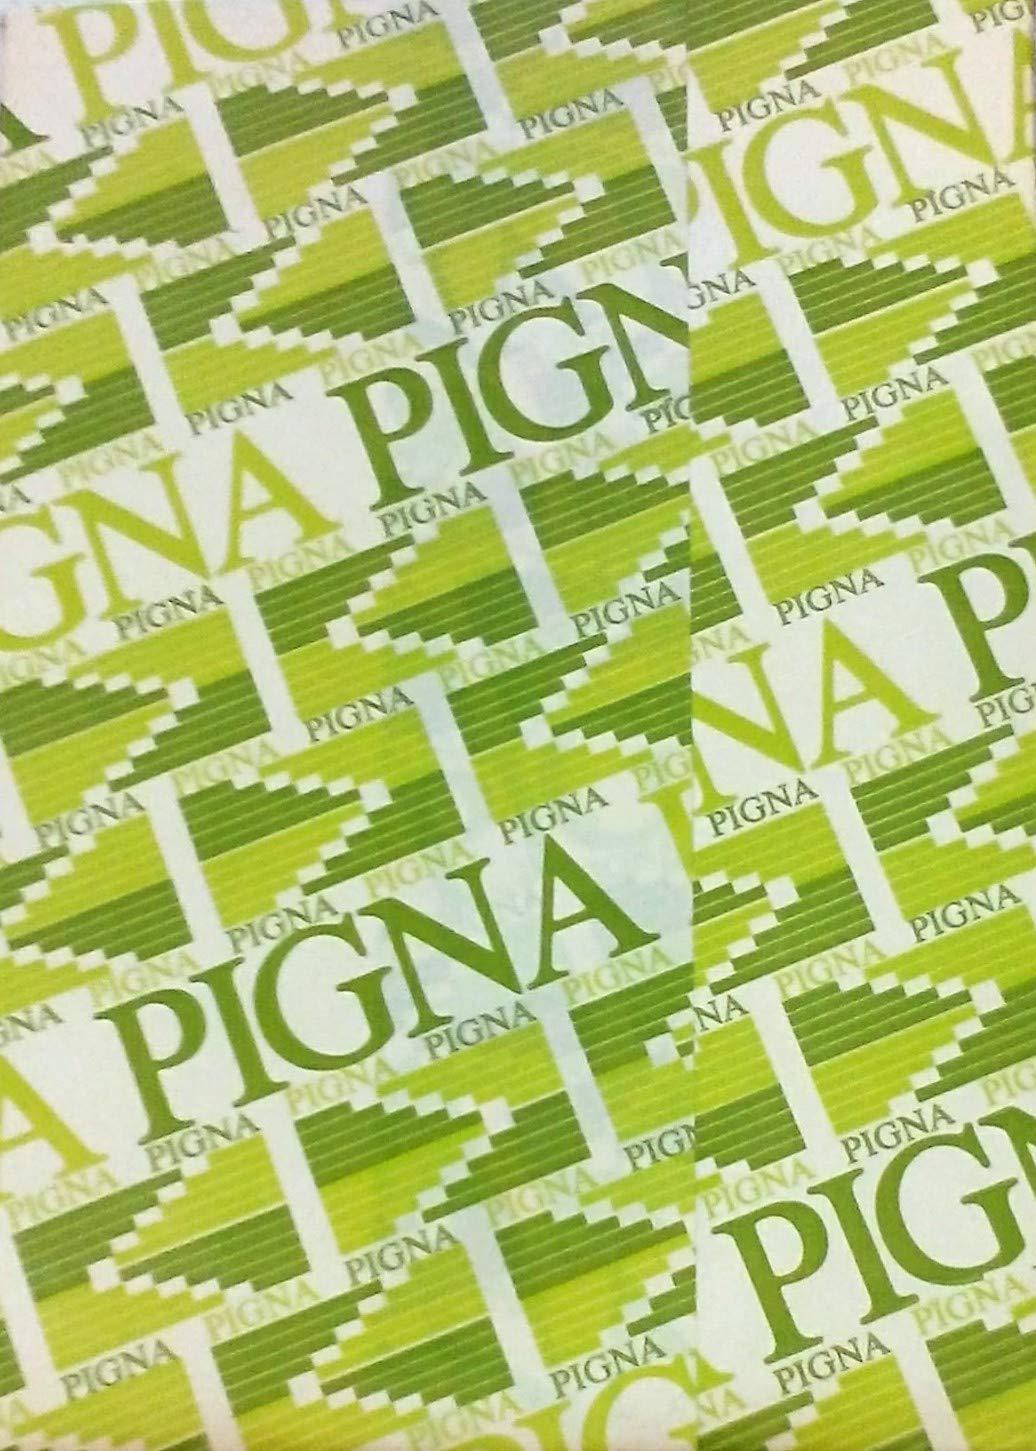 Pigna - Extra Strong - Risma di carta da 400 fogli - carta finissima - fine typing paper - QFE 60gr/mq Cartiera Paolo Pigna Spa